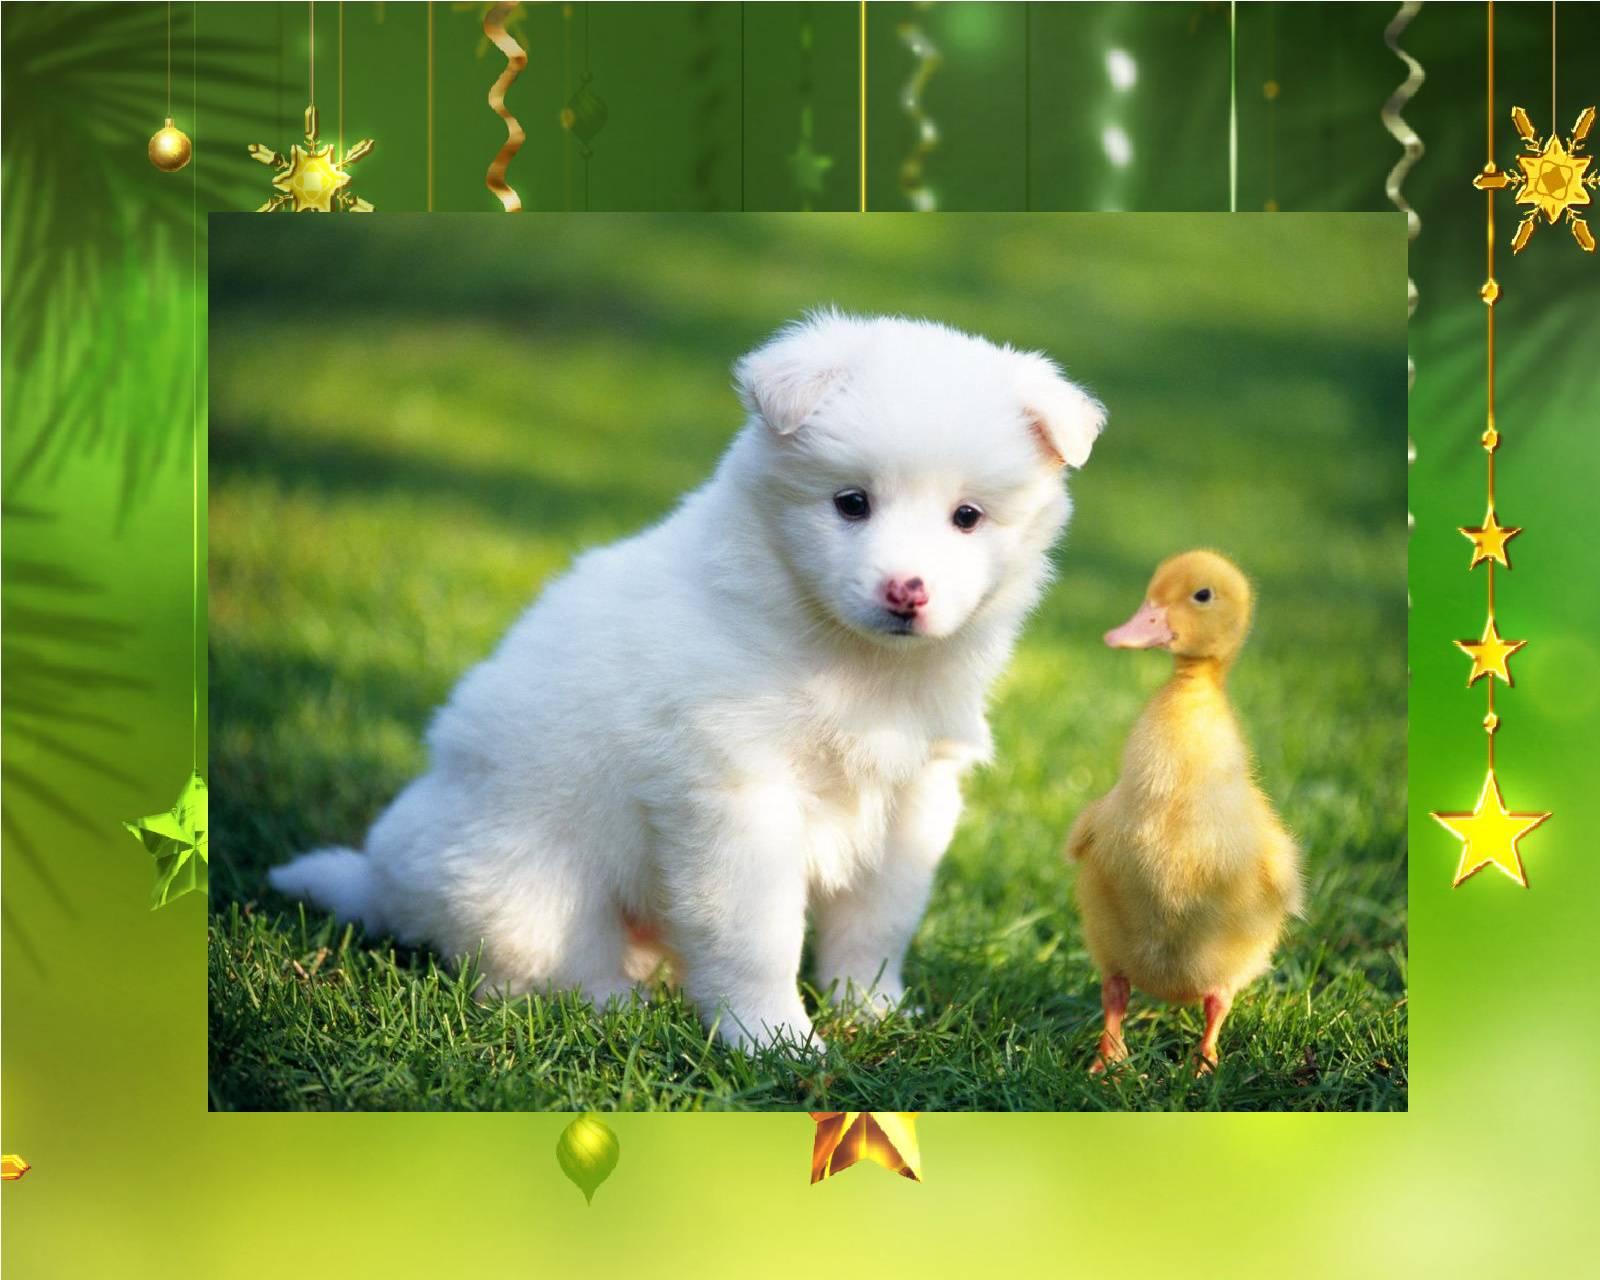 U really are a quack